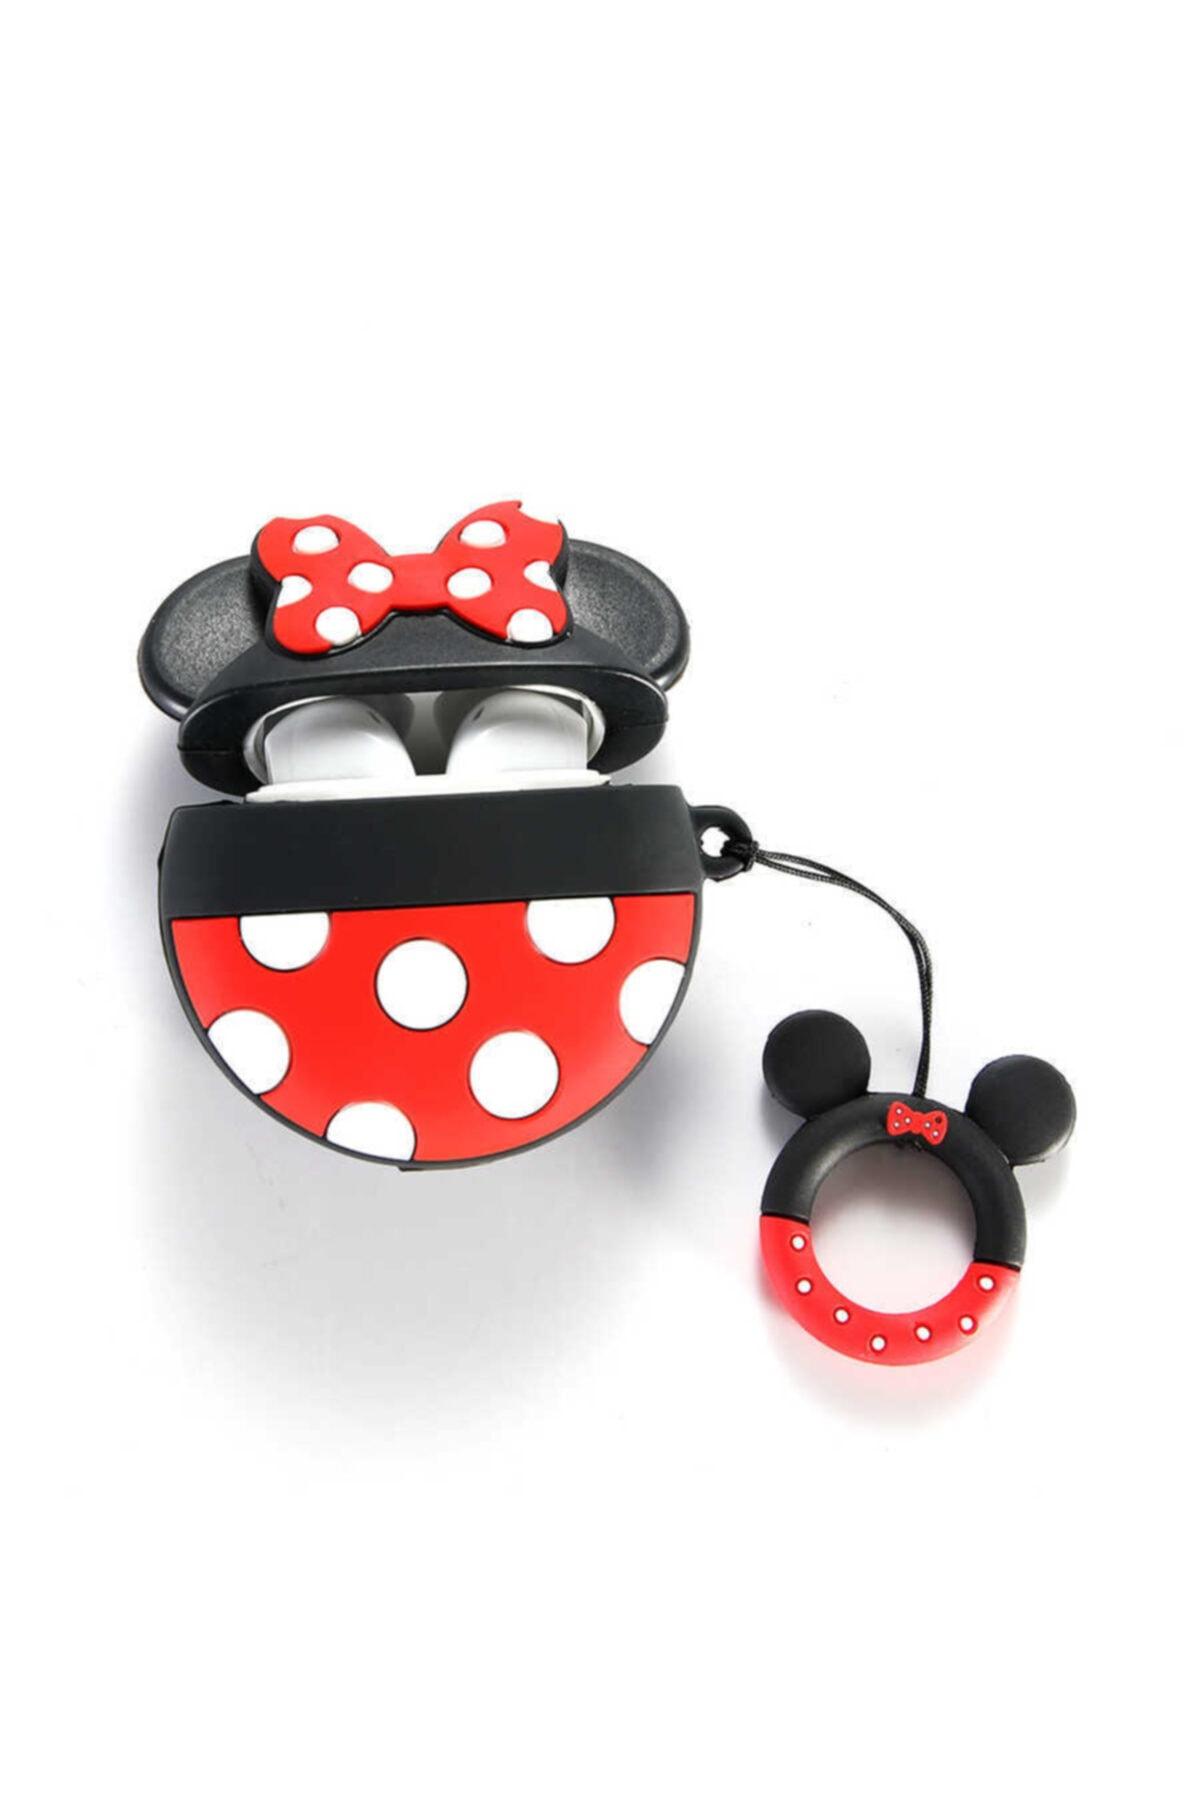 zore Apple Airpods Uyumlu Silikon Mickey Mouse Figürlü Korumalı Wireless Şarj Destekli Darbe Emici  Kılıf 2